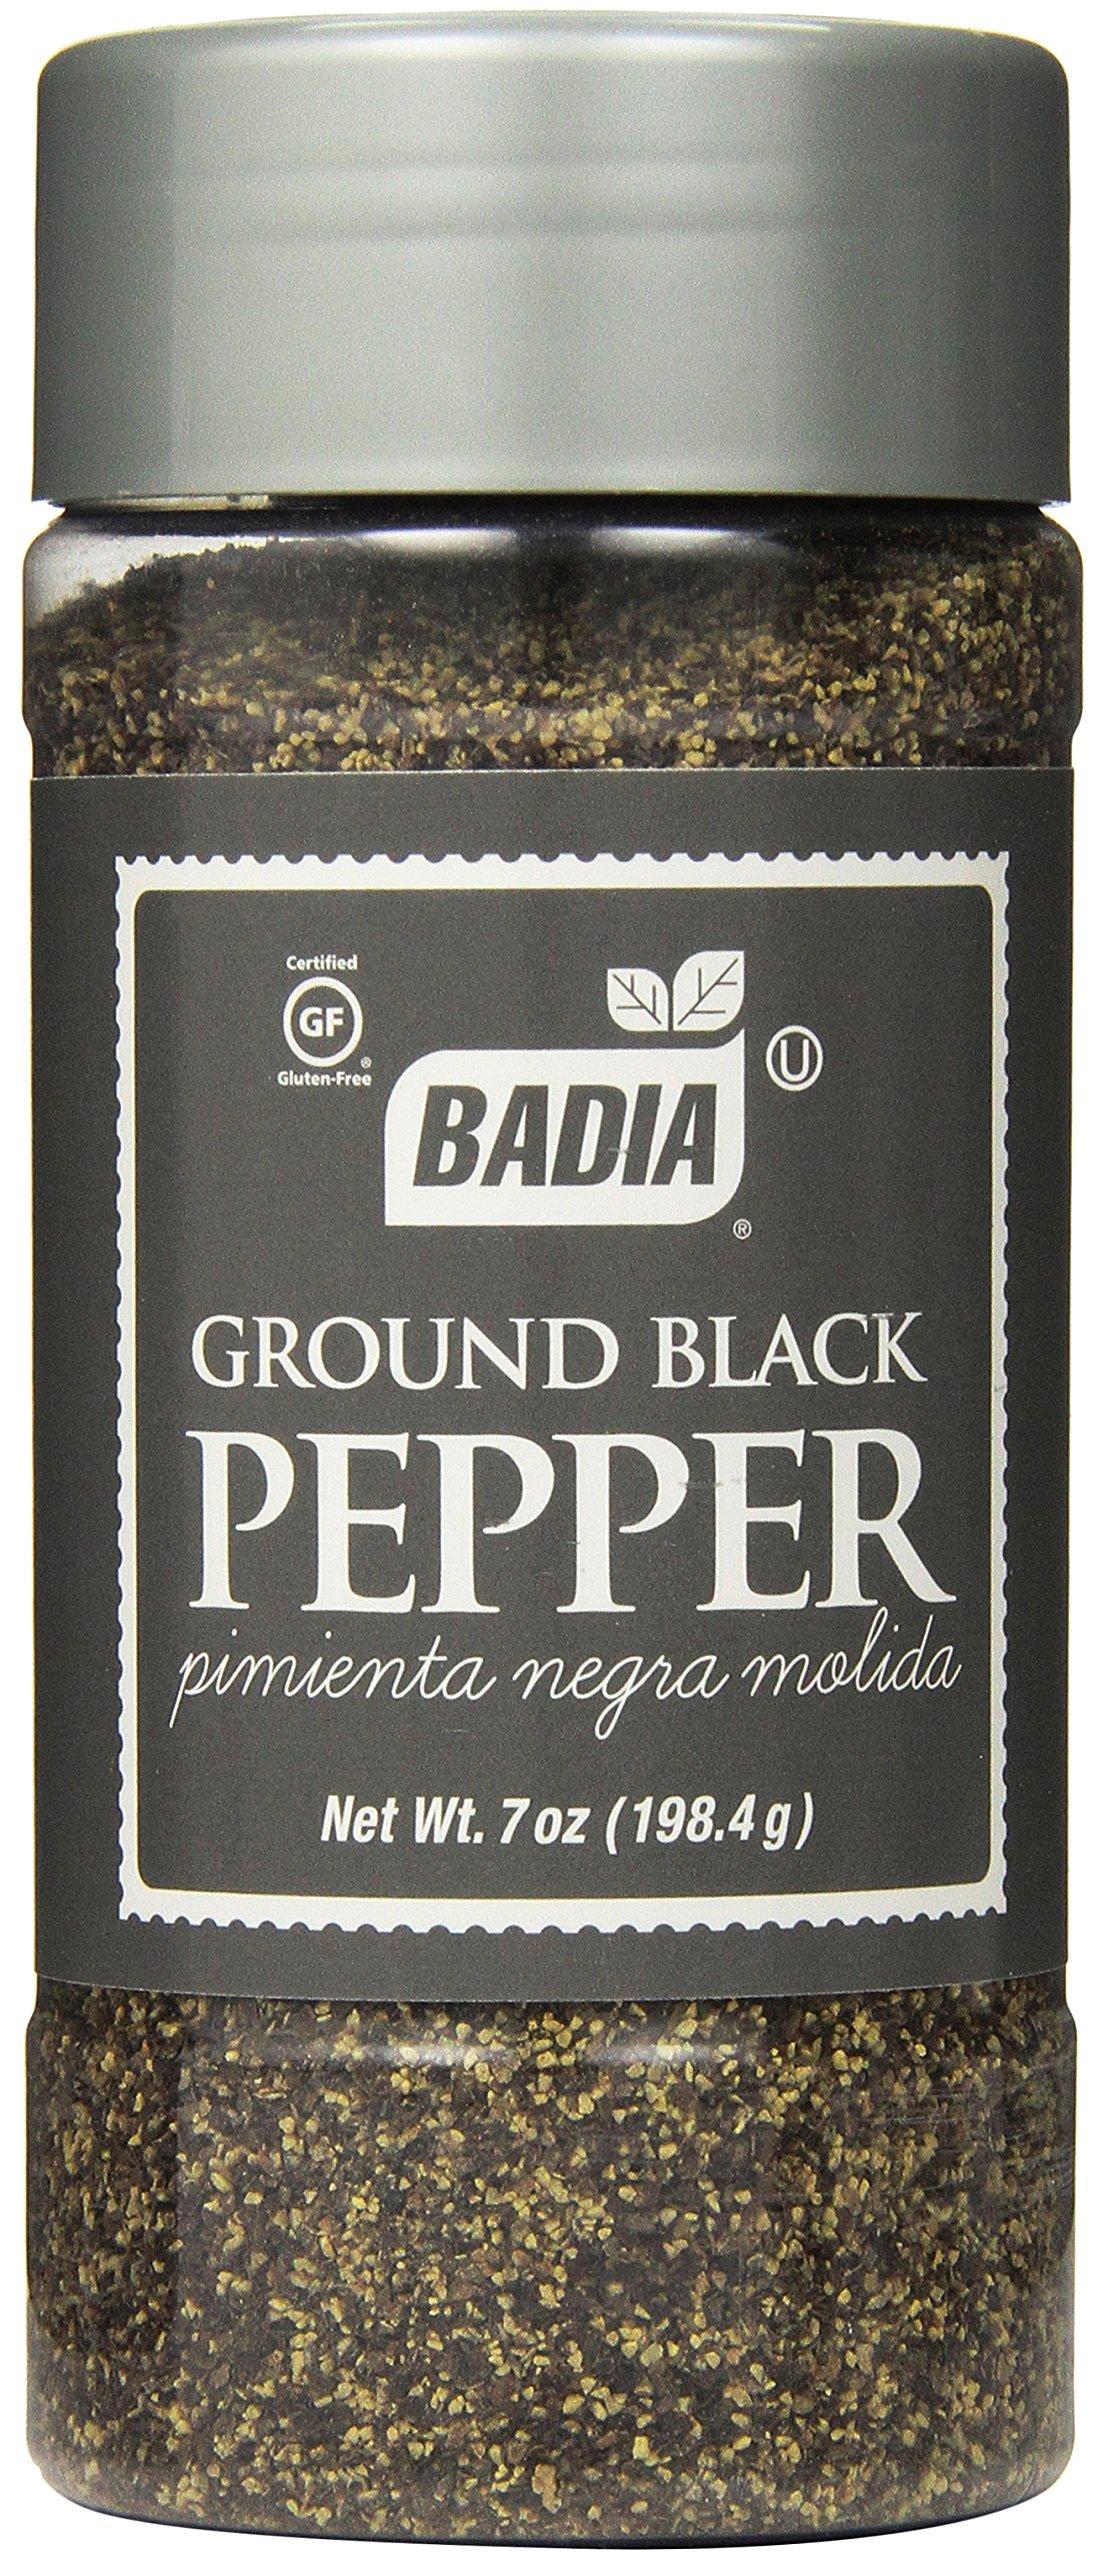 Badia Black Pepper Ground, 7-Ounce (Pack of 6)